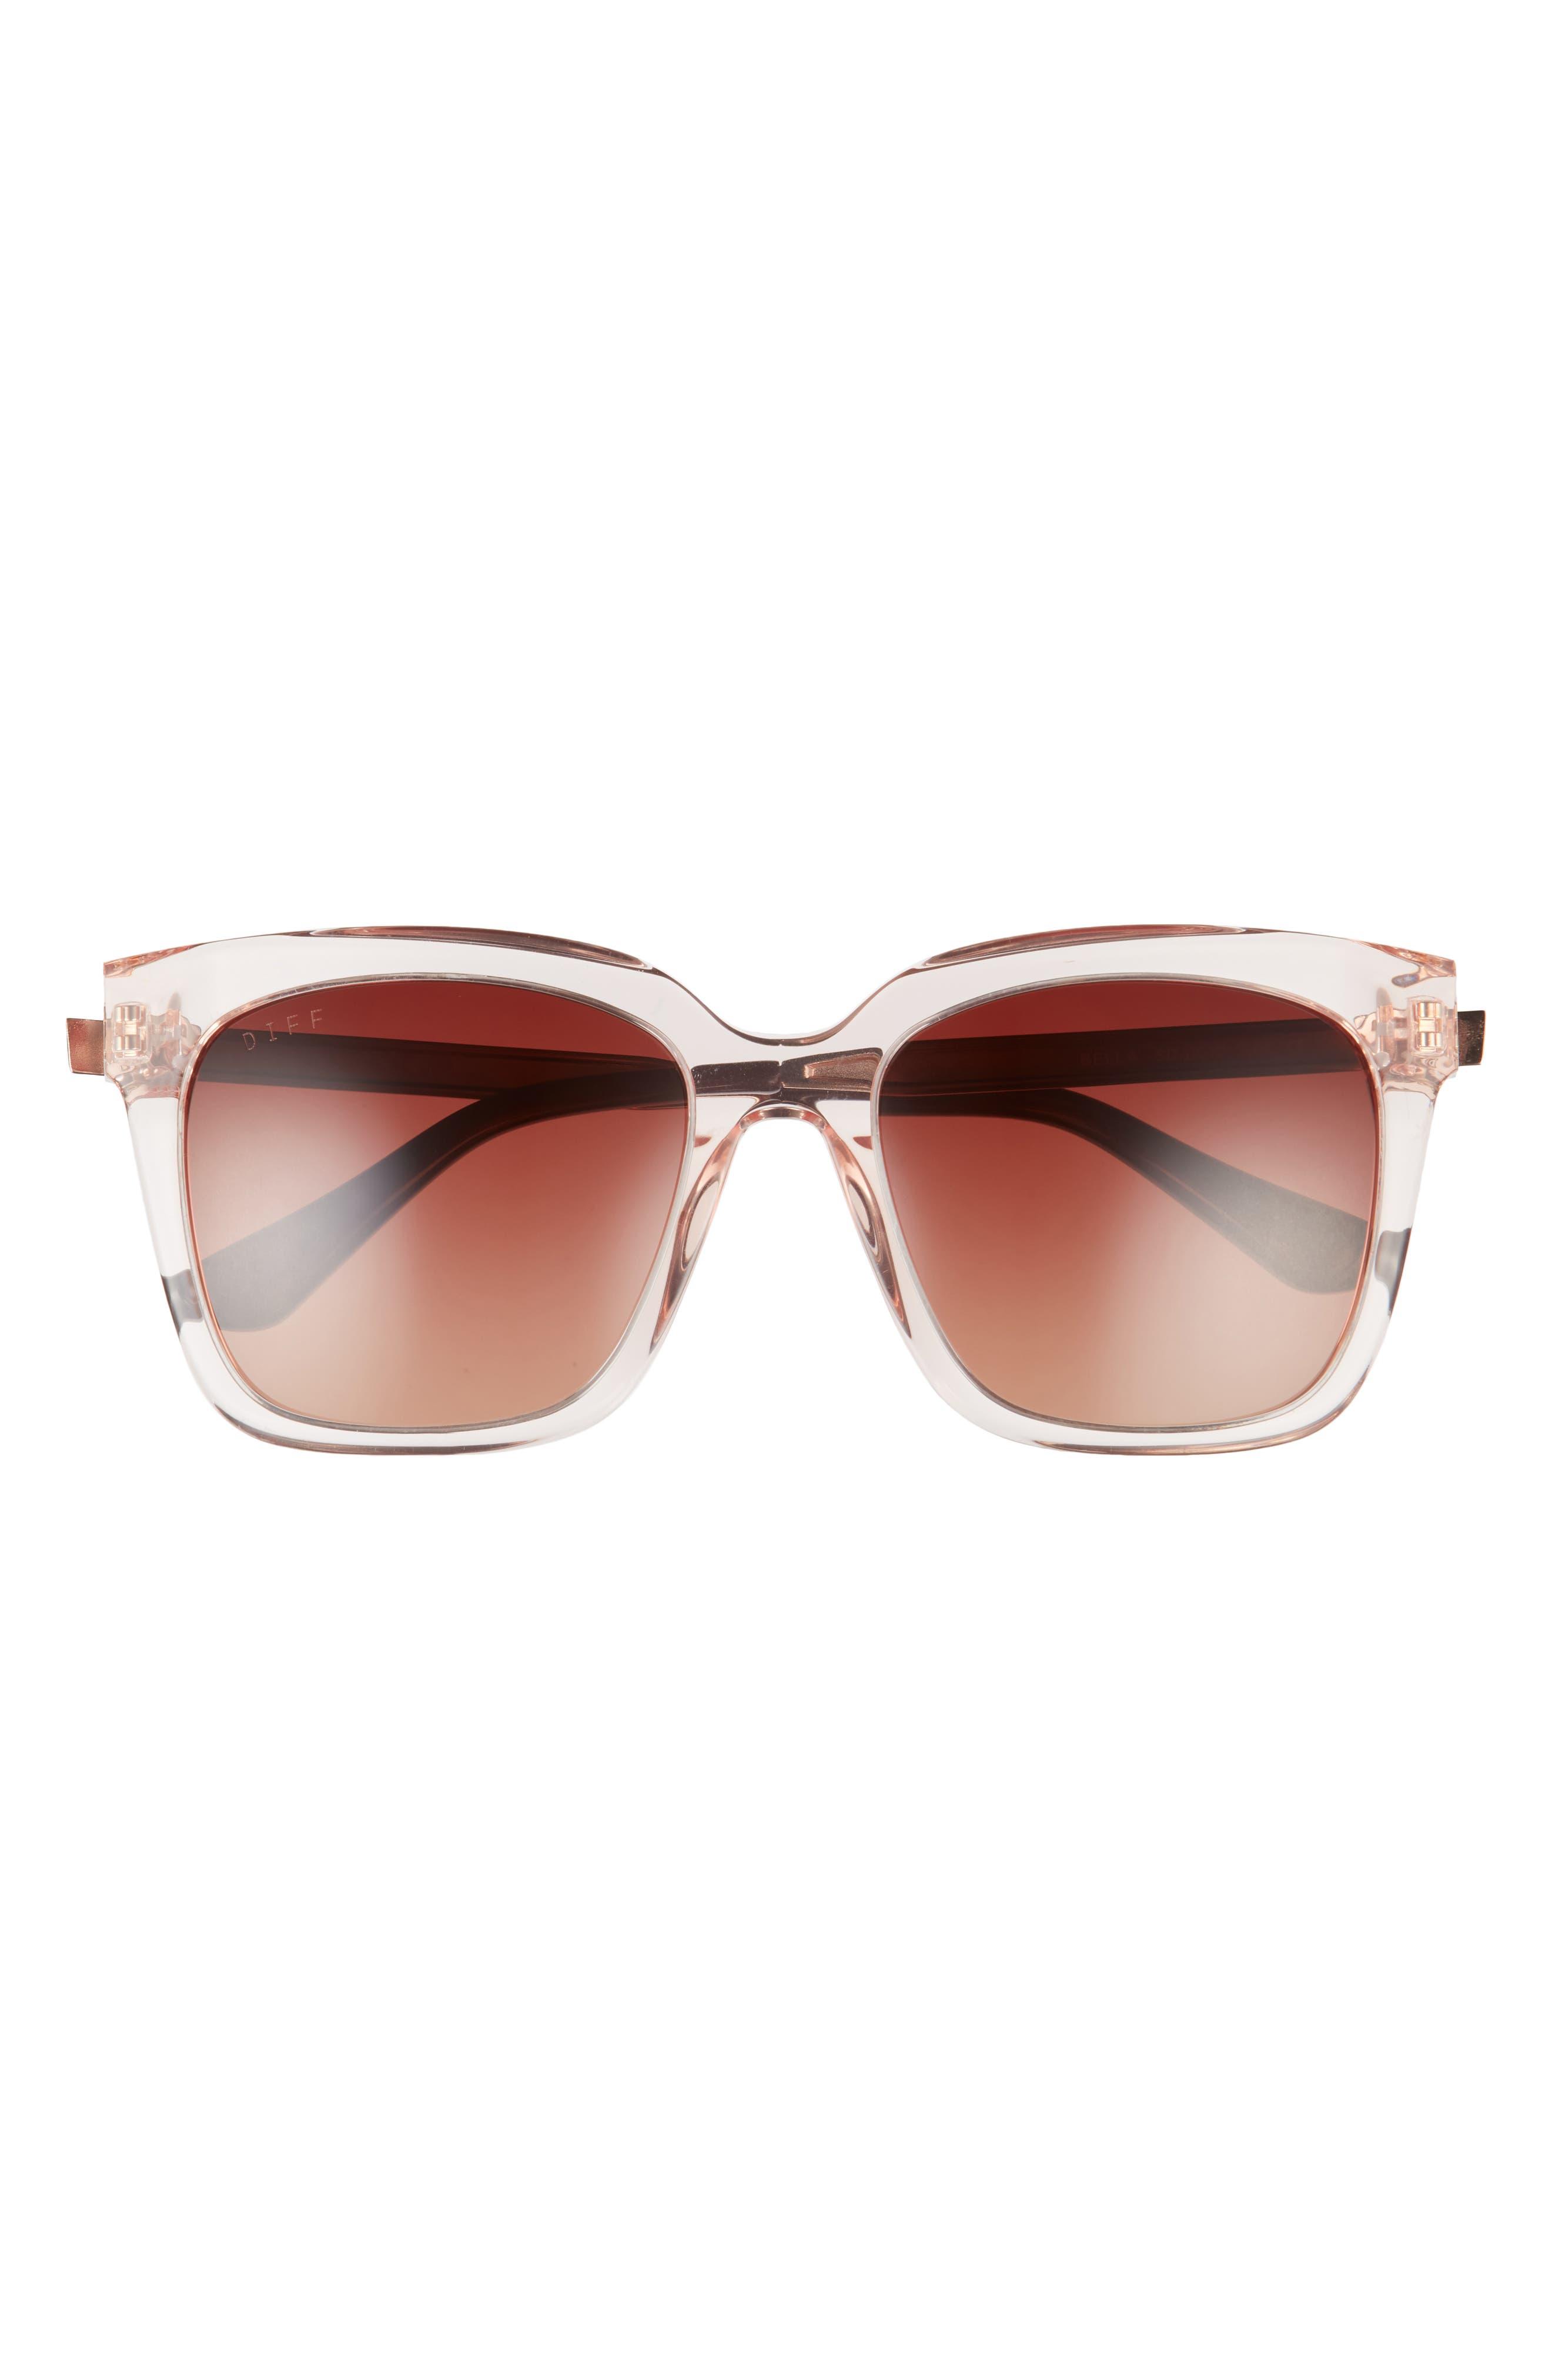 Bella 54mm Square Sunglasses